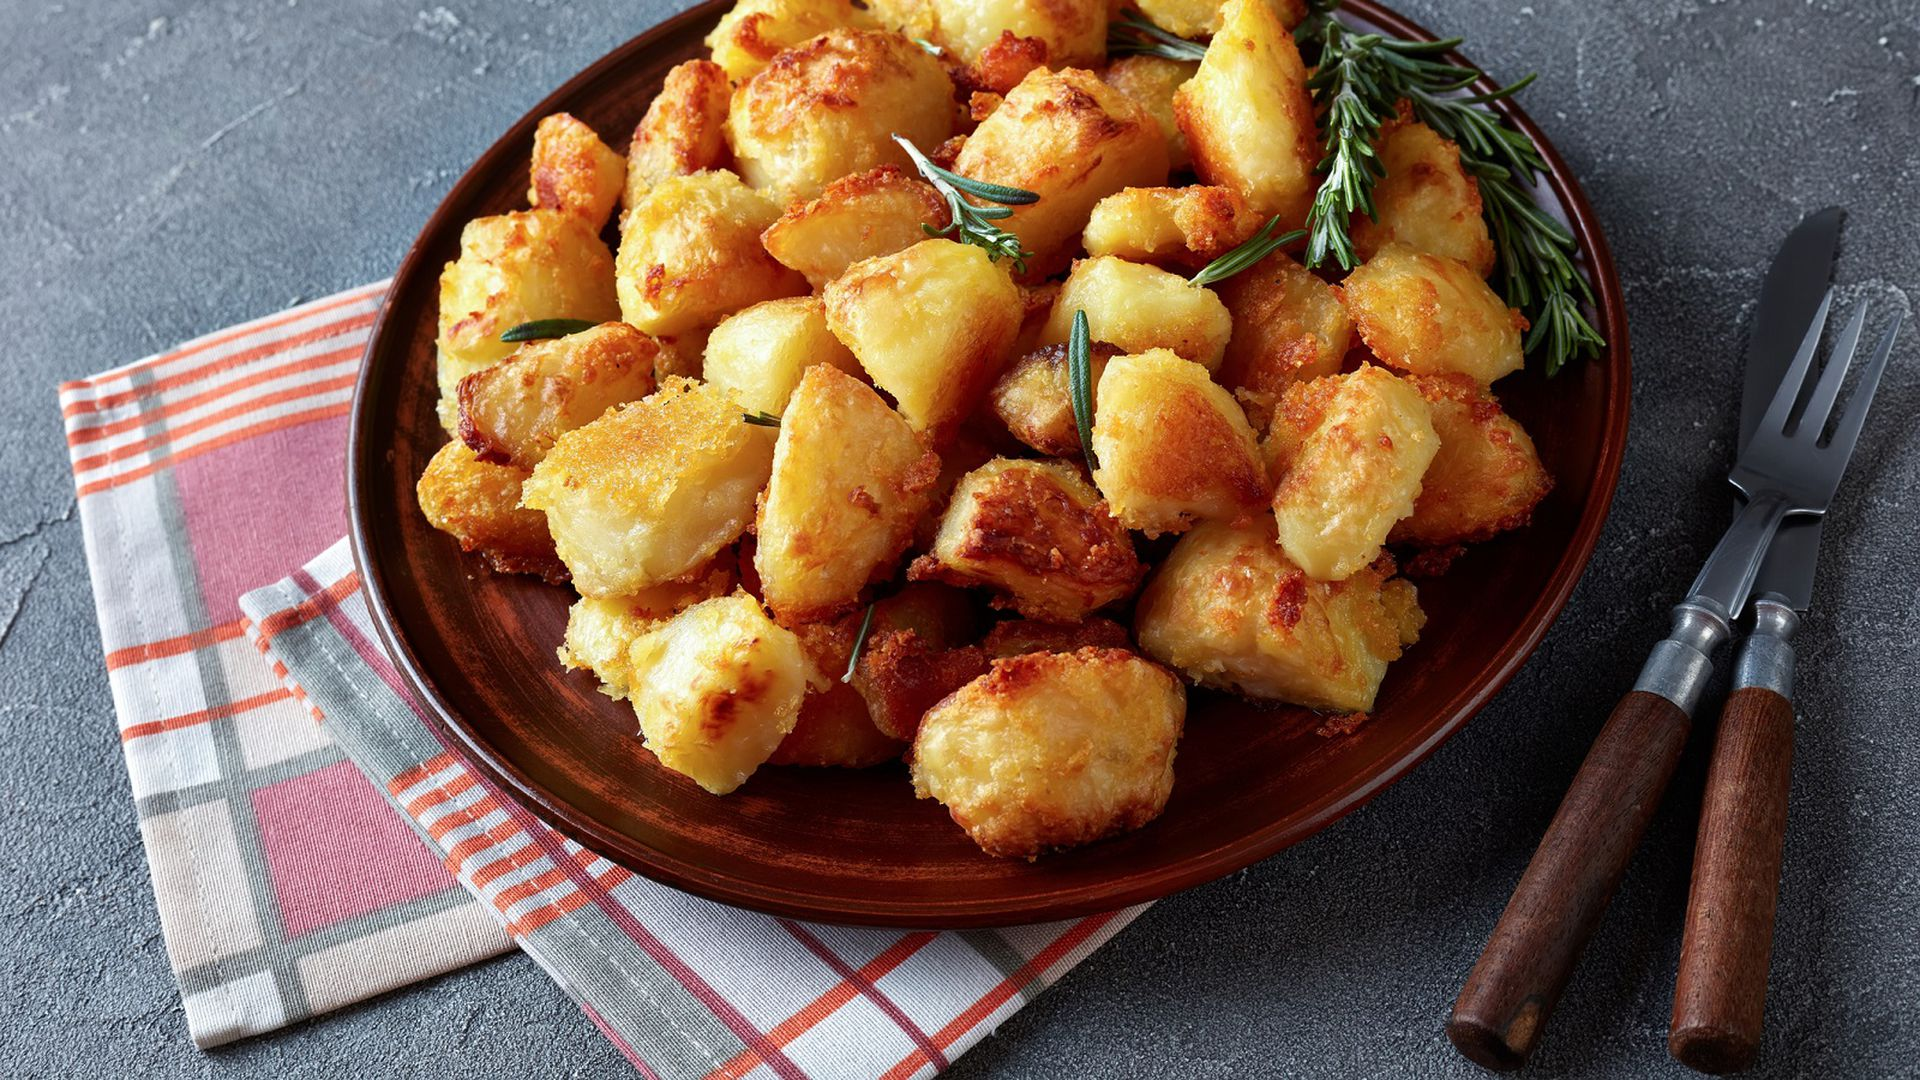 tako jednostavno trik od 1 kune uz koji pečeni krumpir postaje neodoljivo hrskav